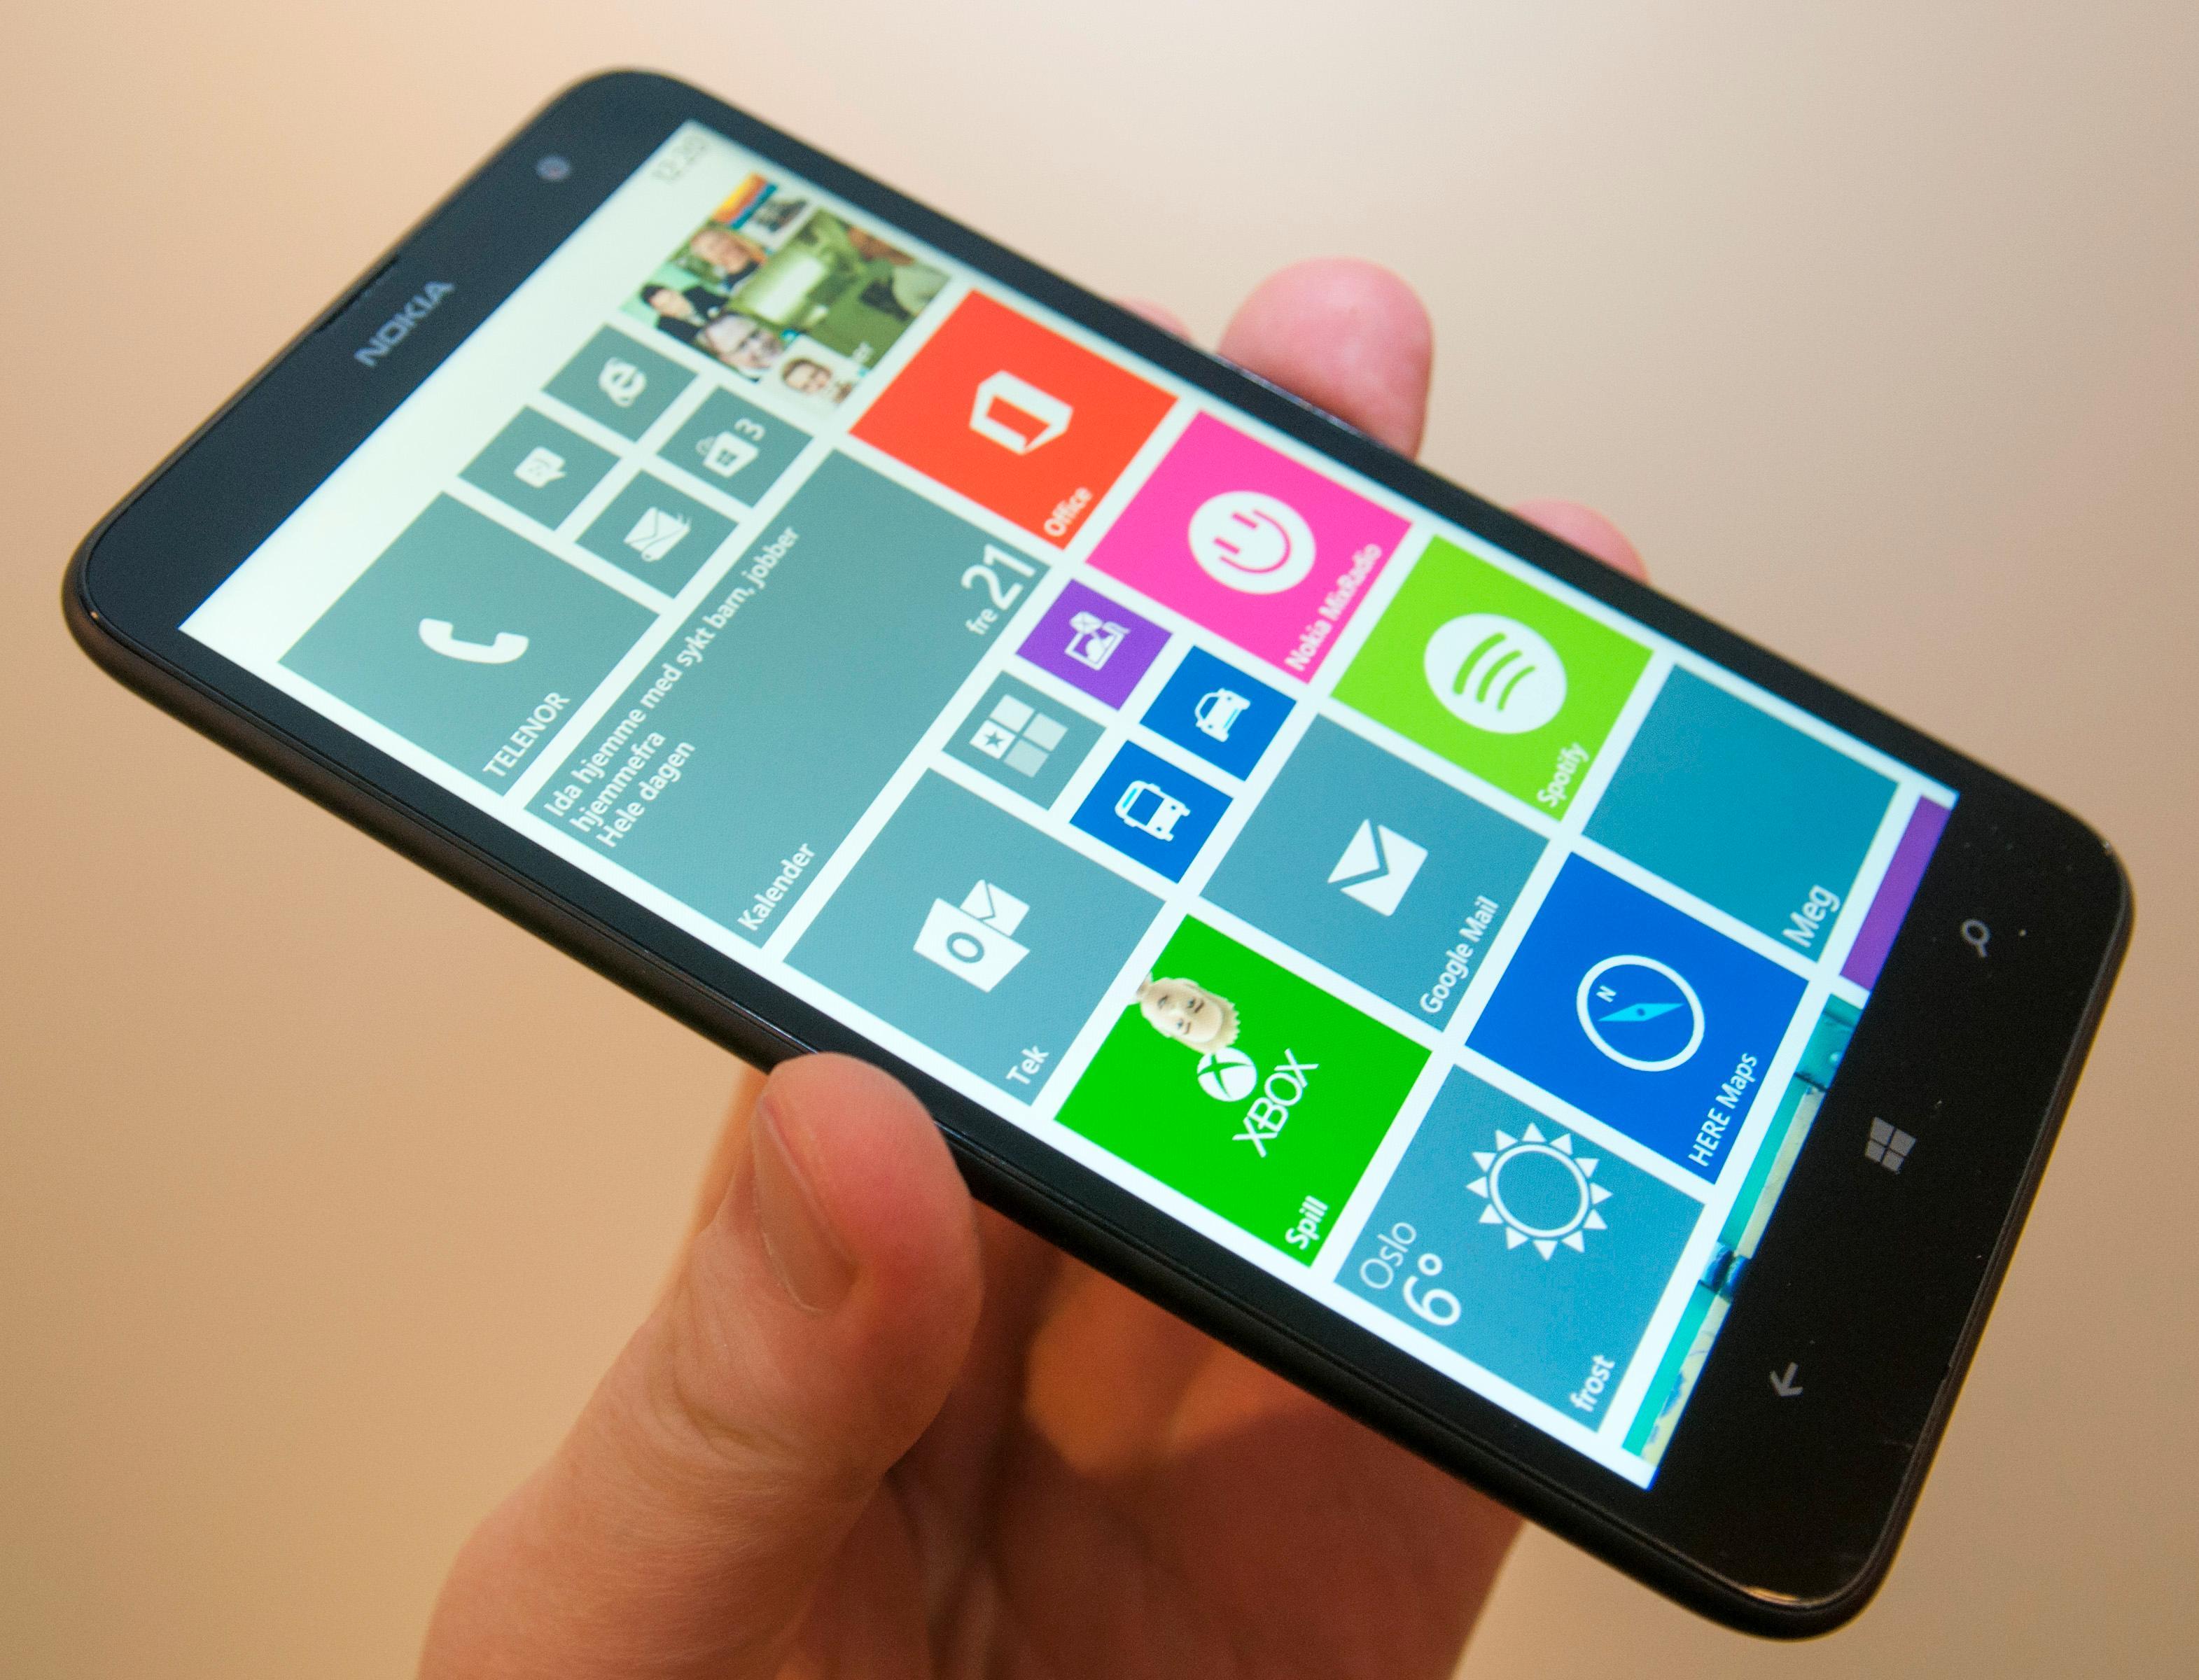 Helt siden Microsoft lanserte Windows Phone har undertegnede likt designen godt. Det er så fargerikt og pent, at det tilfører litt utsmykking til telefoner som ellers ser litt kjedelige ut.Foto: Finn Jarle Kvalheim, Amobil.no